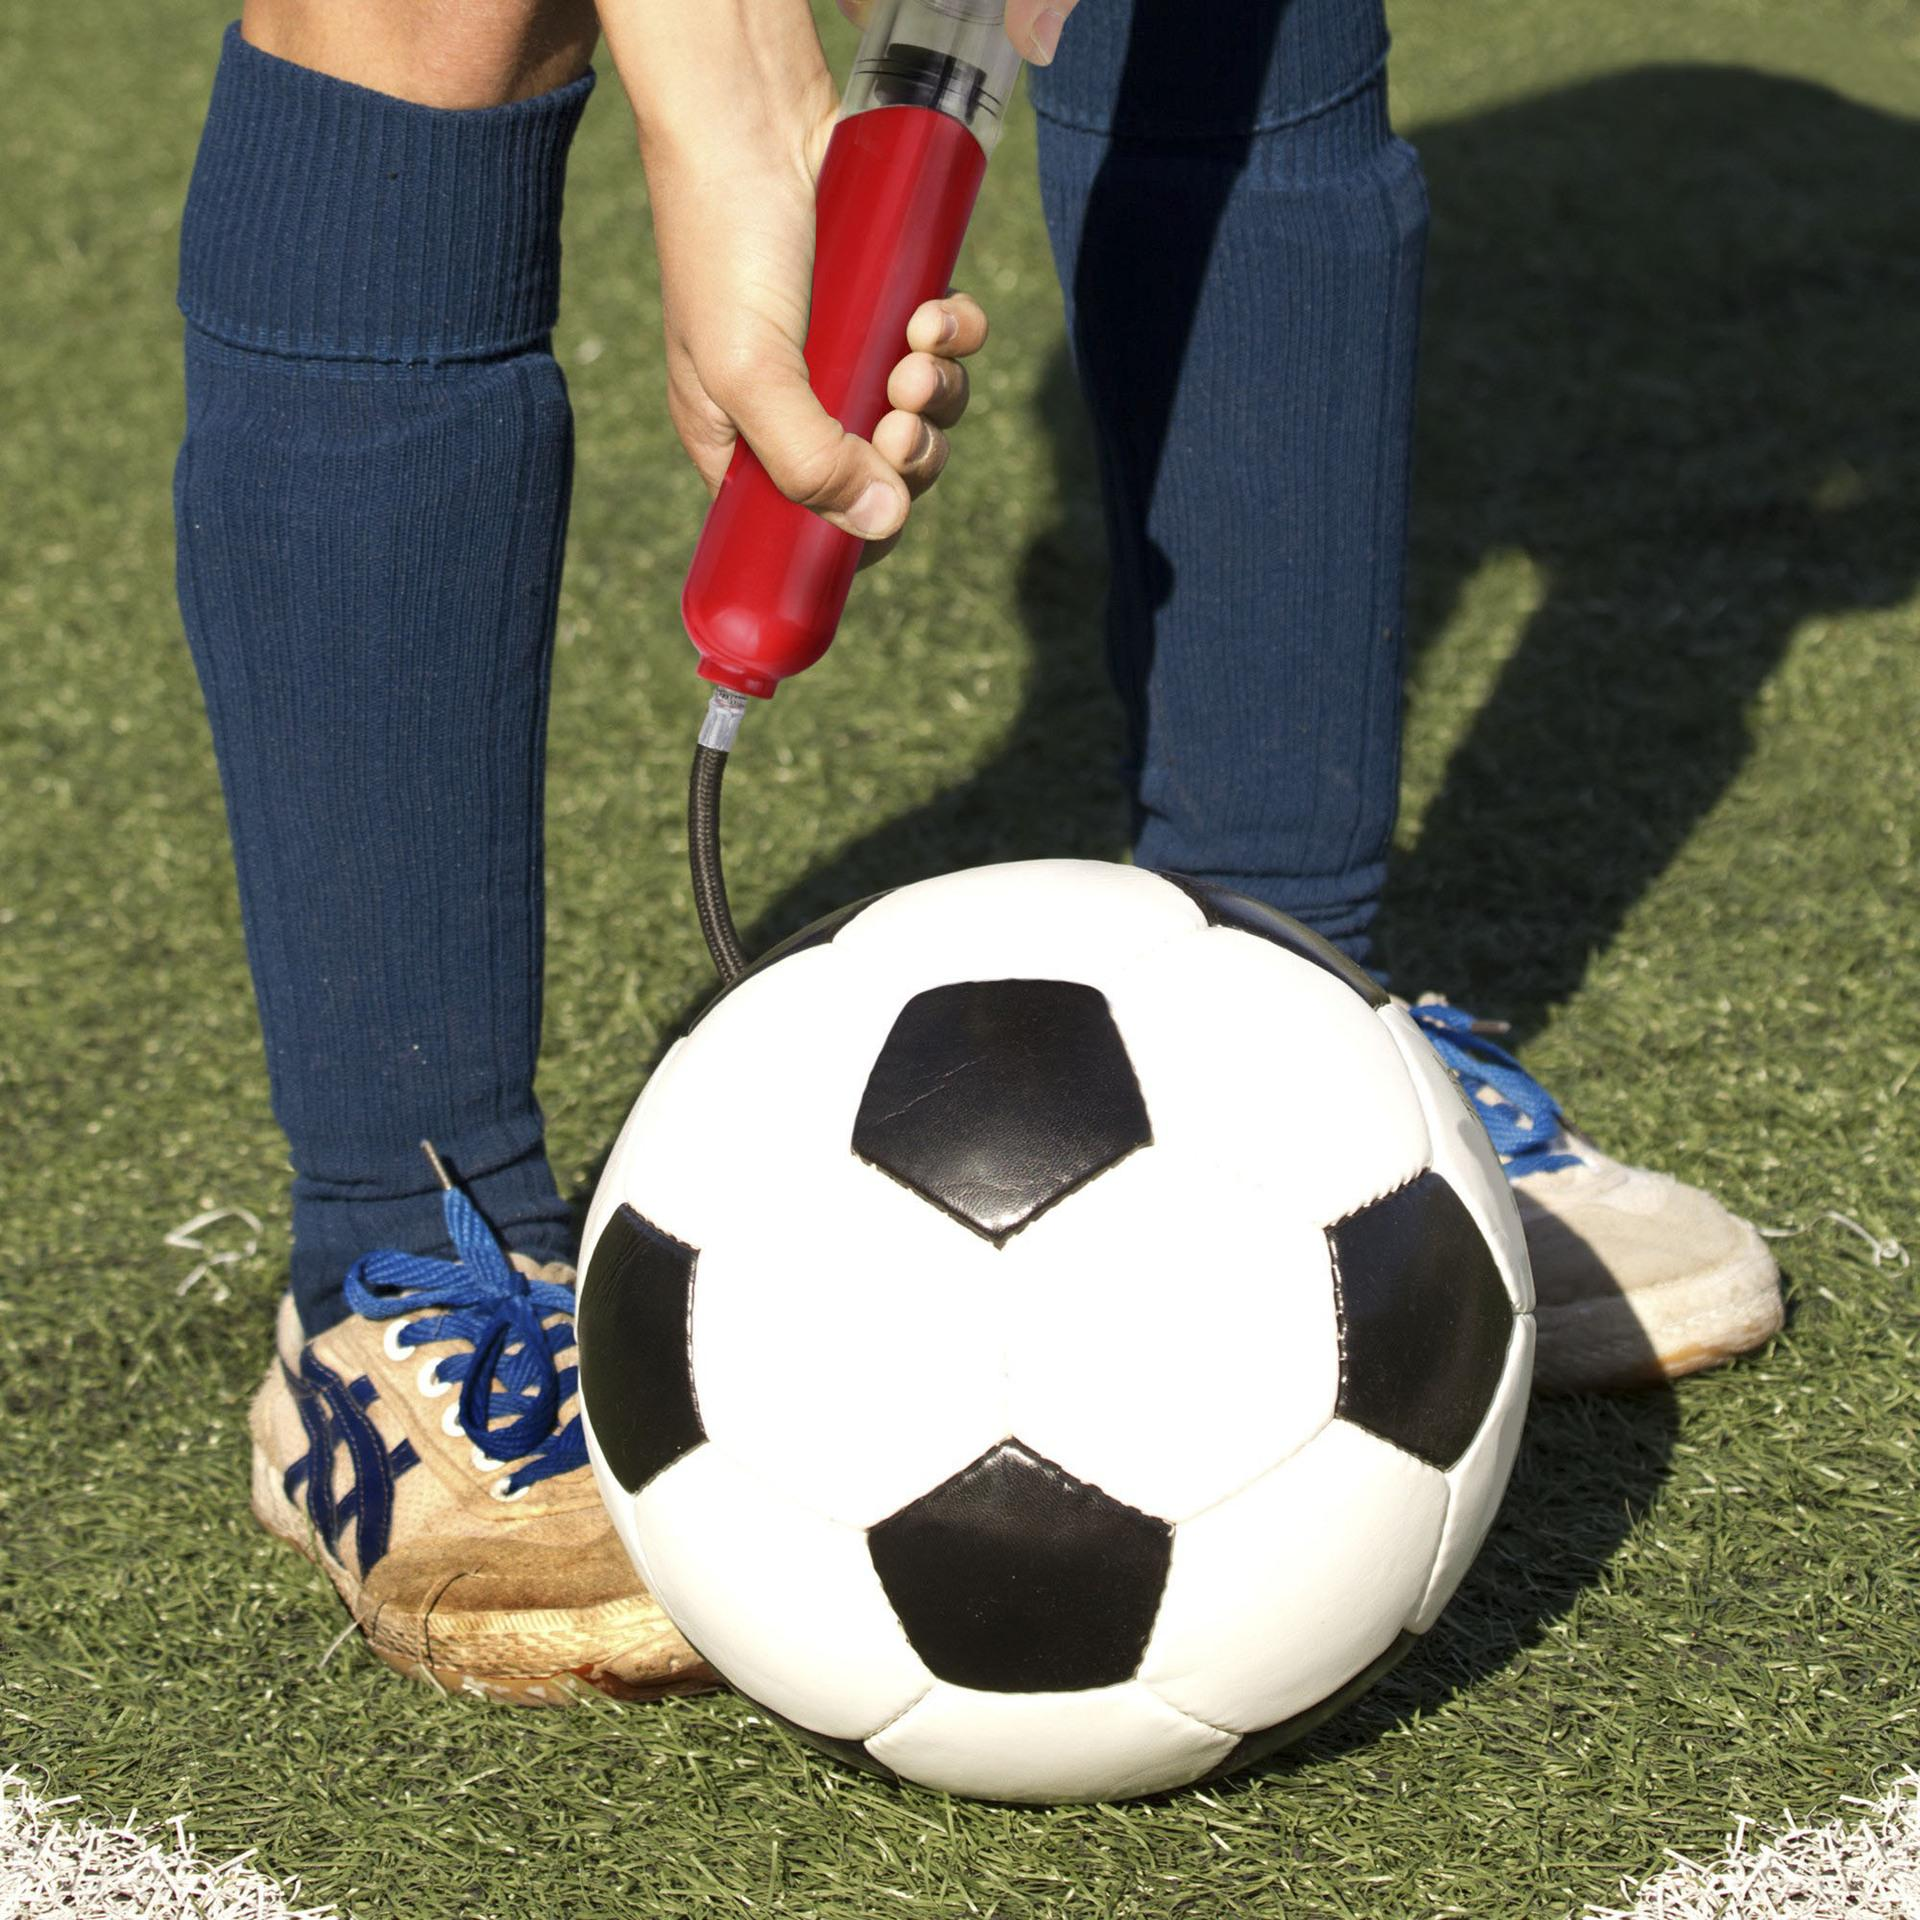 Minihandluftpumpe im Freiensport-Fußball-Basketball-Ball Inflating Tragkraftspritze für Kugel Kunststoff aufblasbare Kugel Luftpumpe